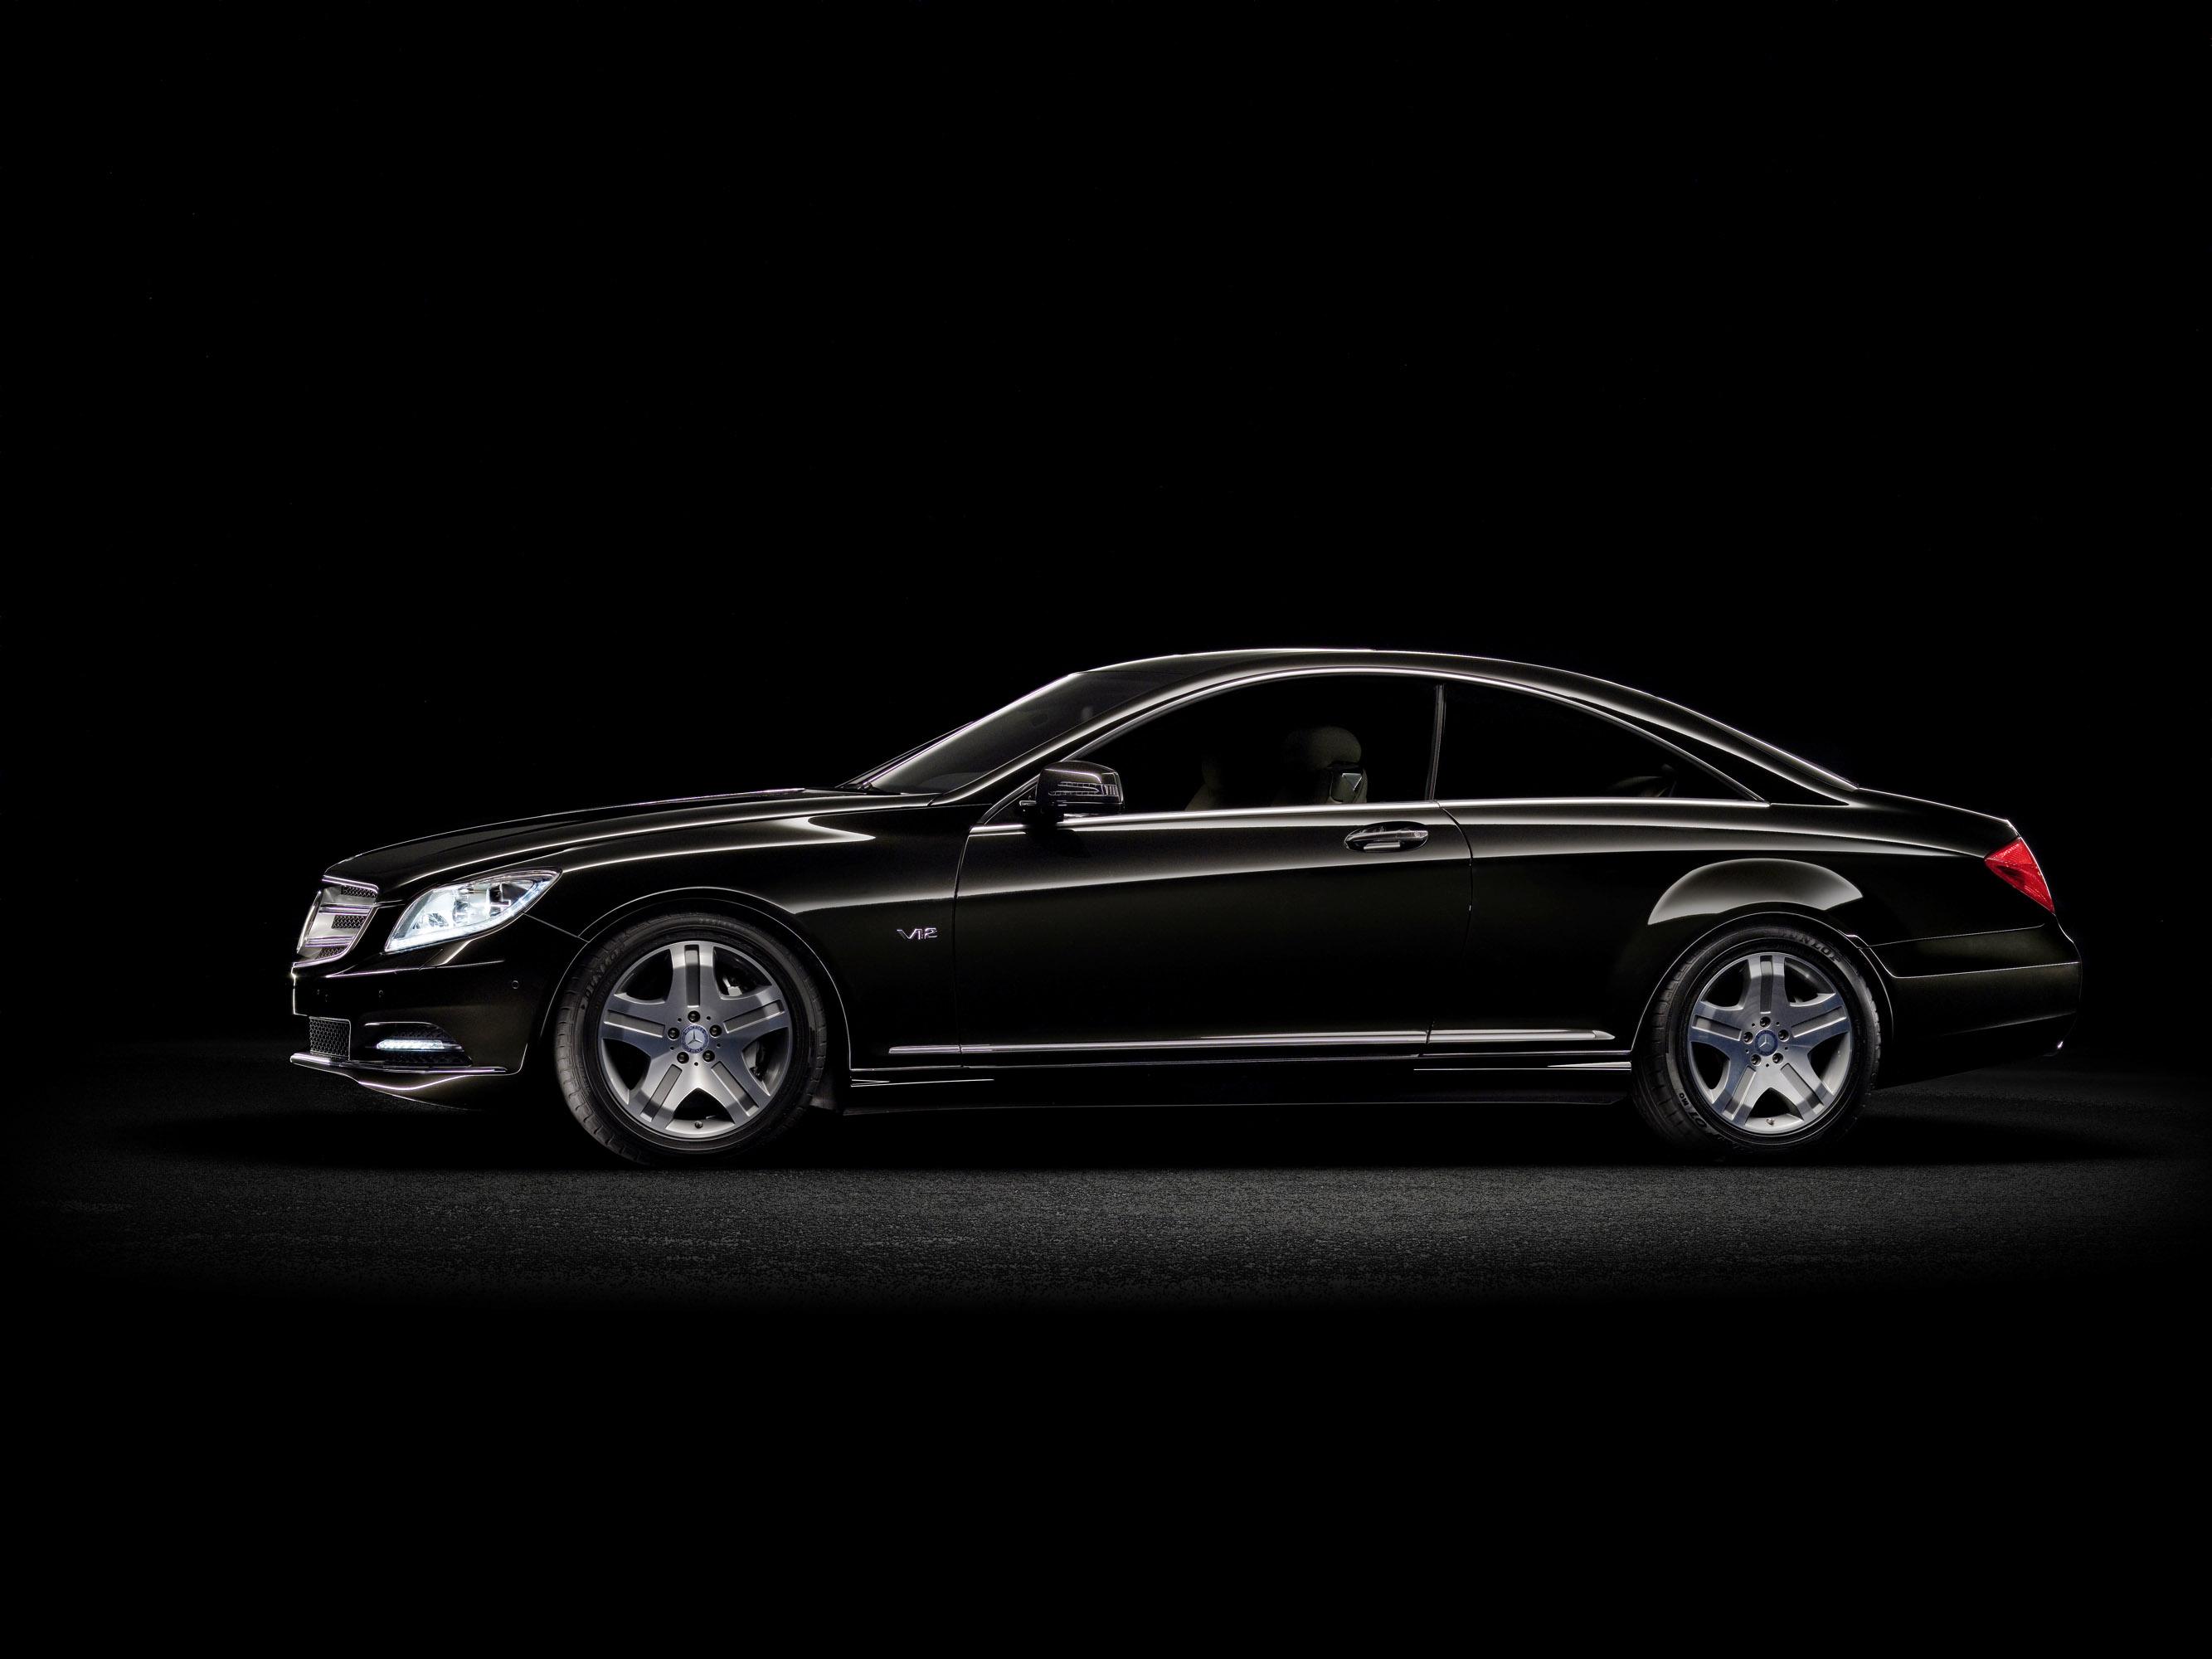 2011 Mercedes-Benz CL-Class сочетает в себе новейшие технологии с повышенной комфортности - фотография №3